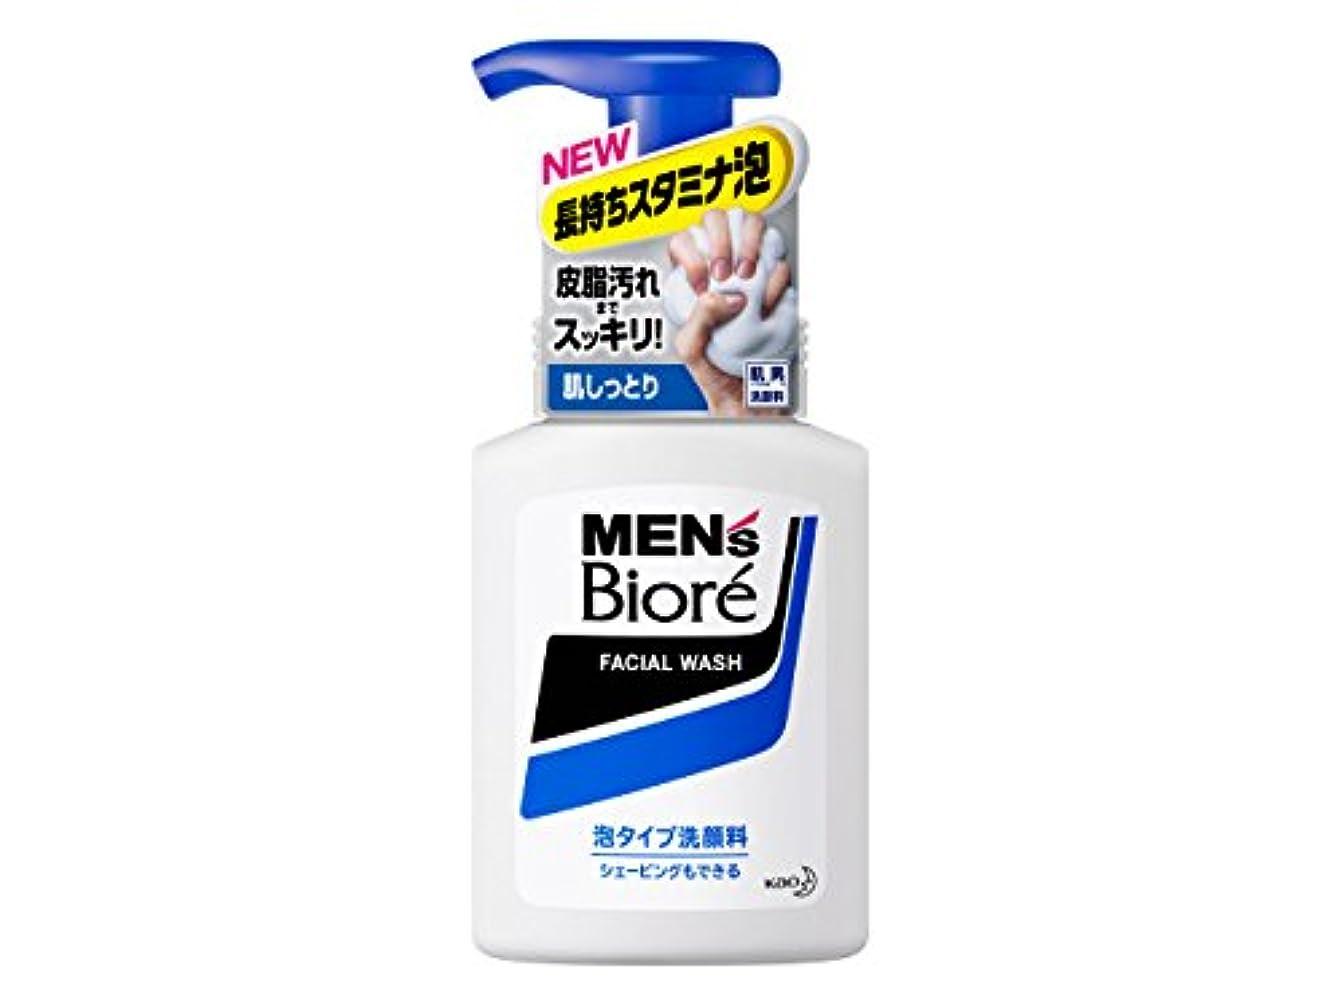 【花王】メンズビオレ 泡タイプ洗顔 150ml ×10個セット